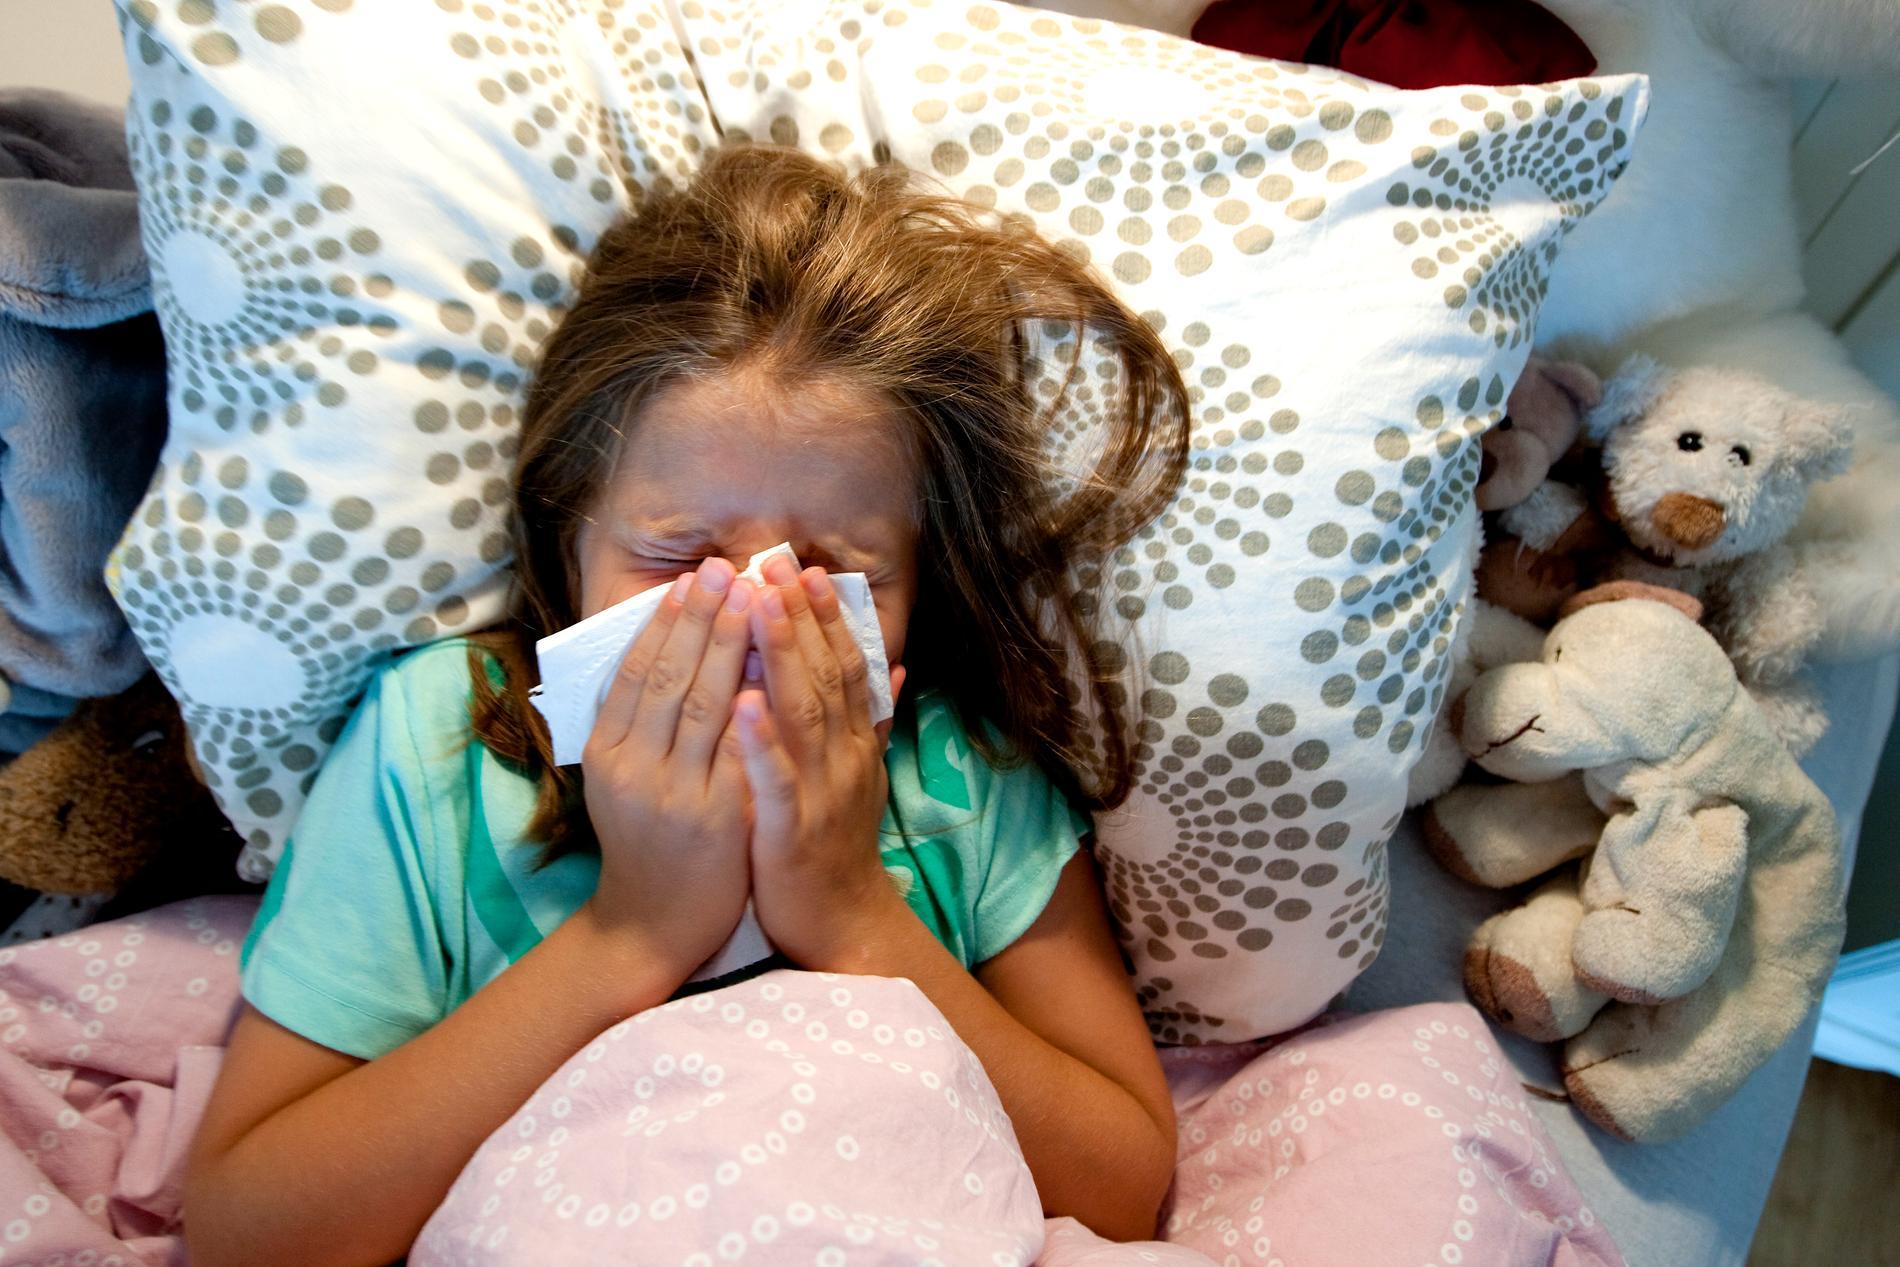 Ovanligt många sjuka barn i februari, enligt statistik från Försäkringskassan. Arkivbild.